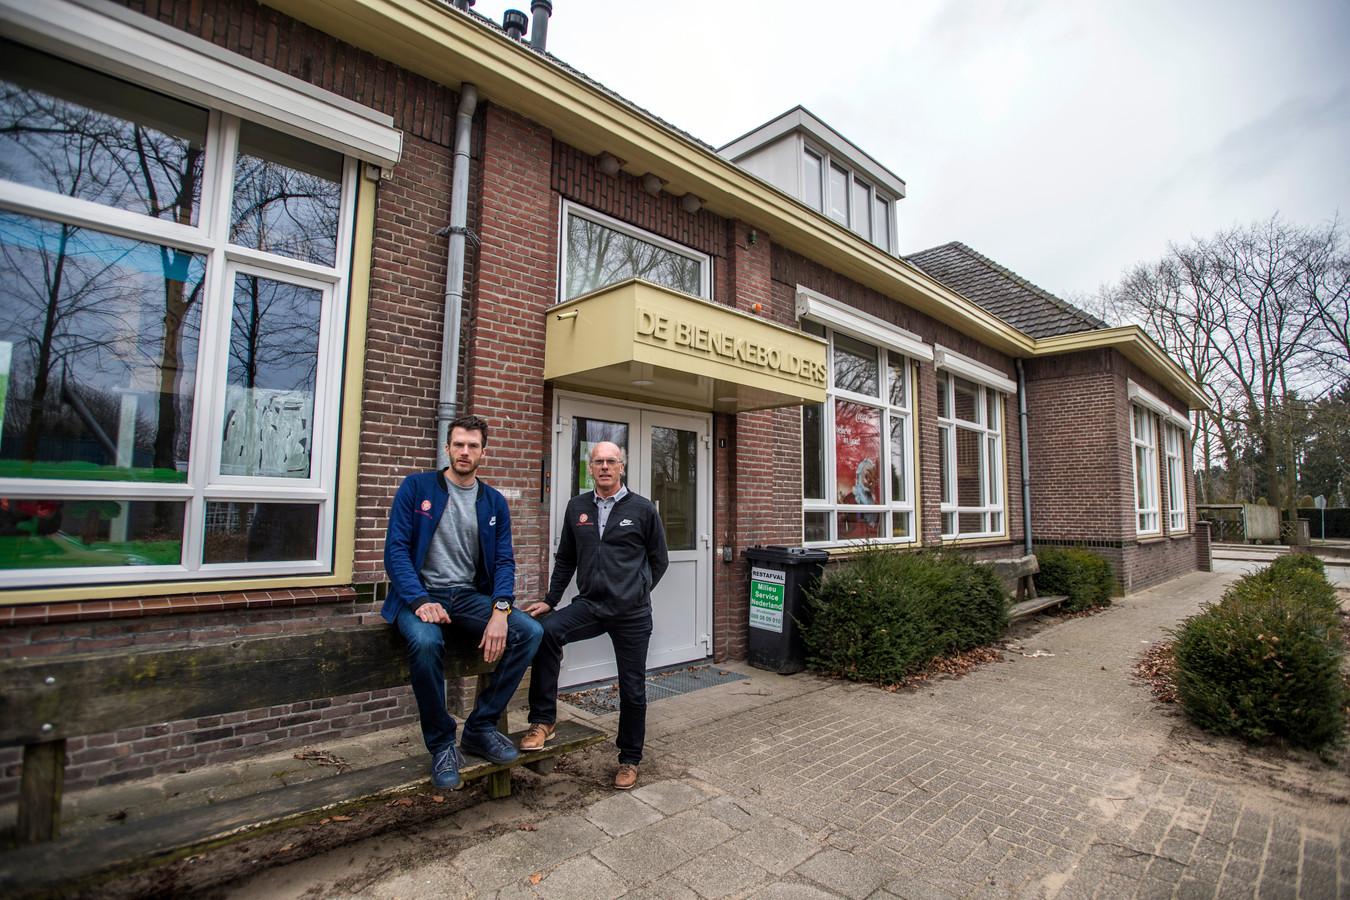 Sjef van den Meijdenberg en zijn zoon Luuk voor het verlaten schoolgebouw waar zij met hun fysiotherapiepraktijk in willen trekken.